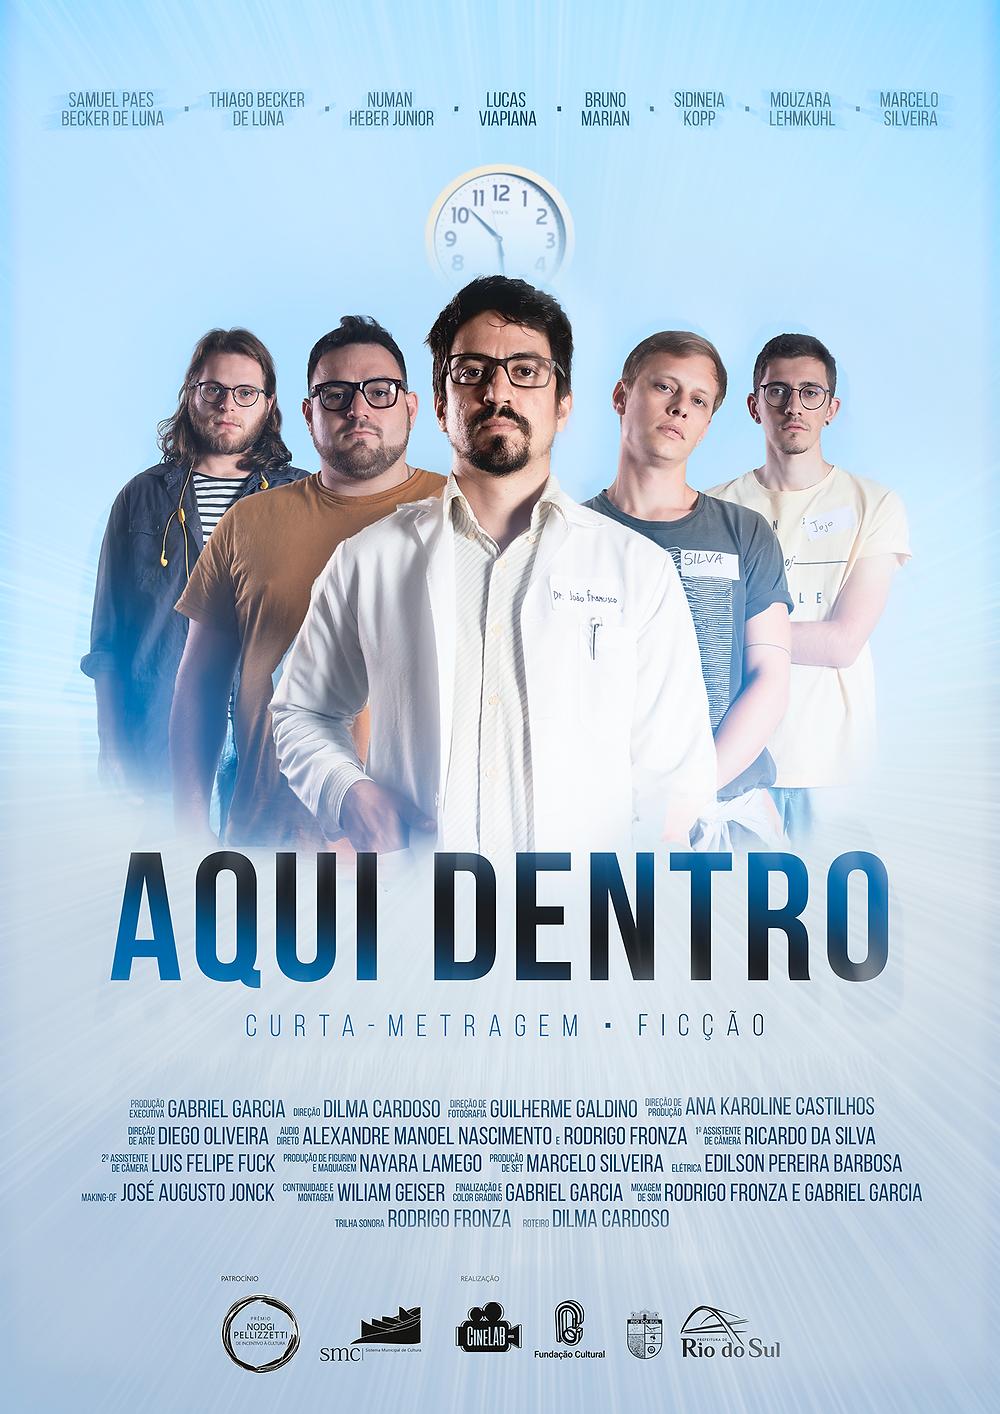 Filme é resultado do projeto Cinelab_rsl, contemplado pelo Prêmio Nodgi Pellizzetti de Incentivo à Cultura